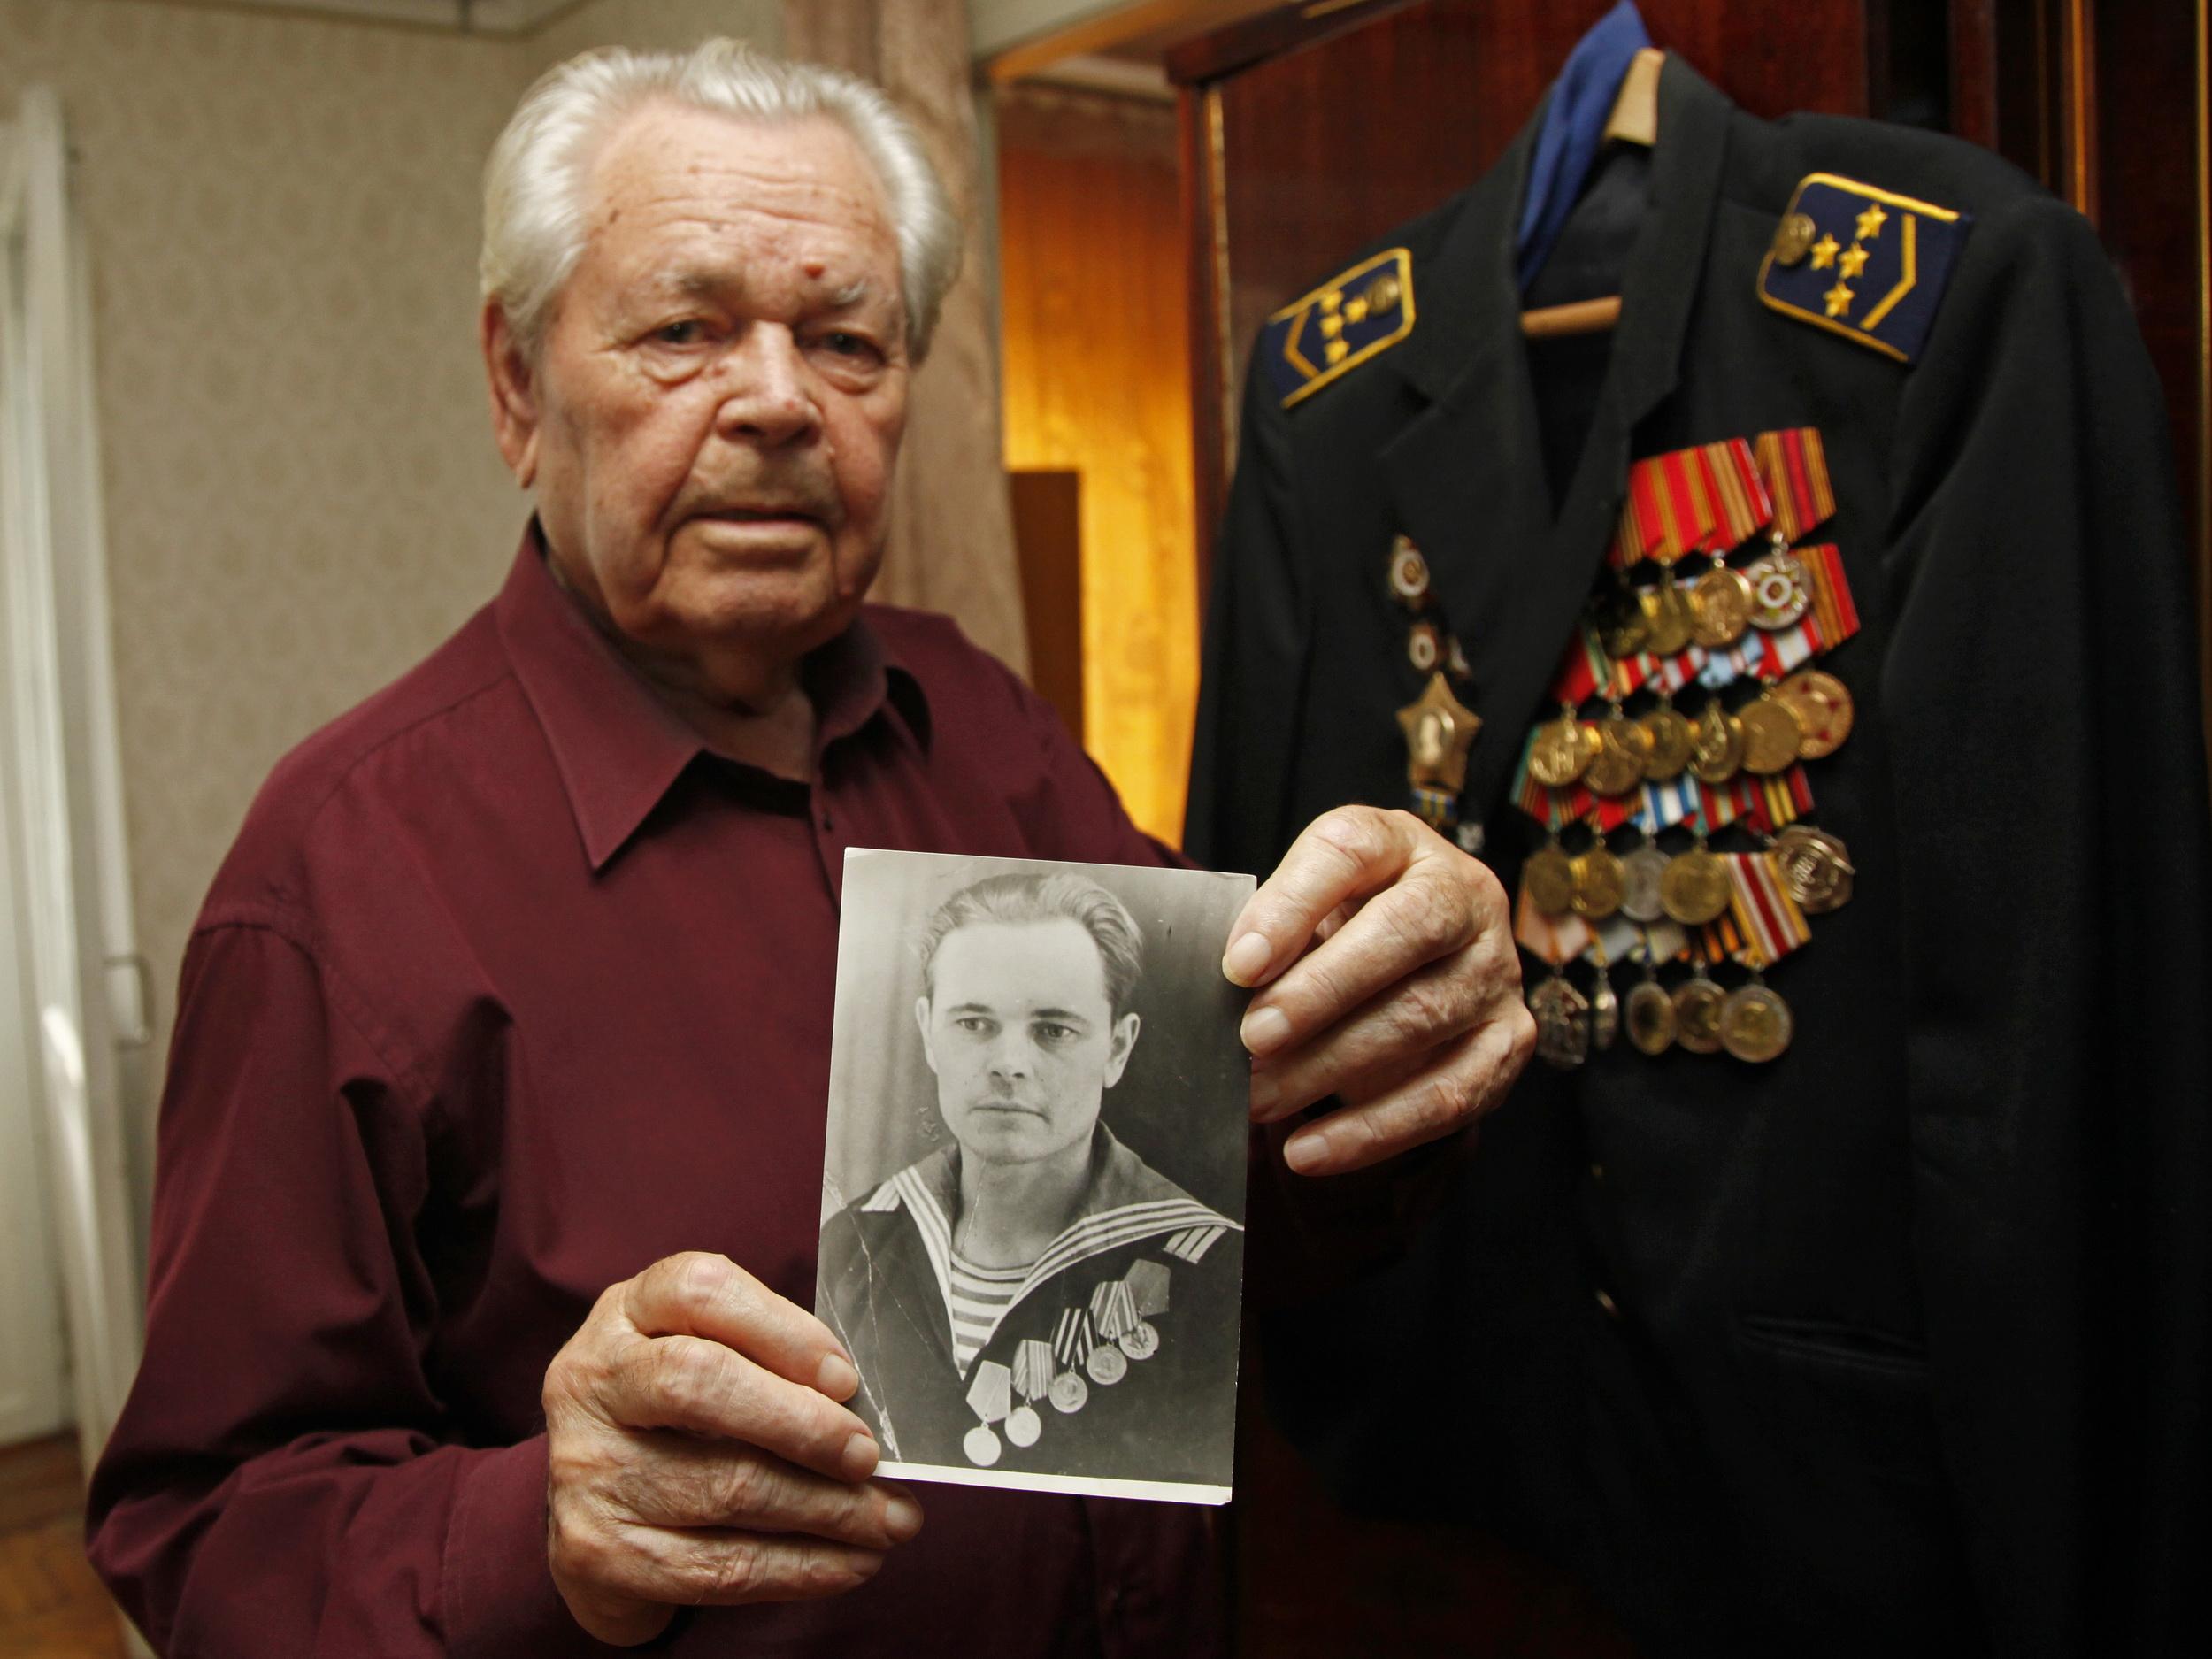 На 20 юни 2015 г. Алексей Никанорович навърши 90 години. За юбилея се събраха всички роднини – три деца, шест внука и още толкова правнука. Когато извадиха от гардероба мундира с ордените и медалите, внуците помолиха дядо си да им разкаже историята на наградите си.